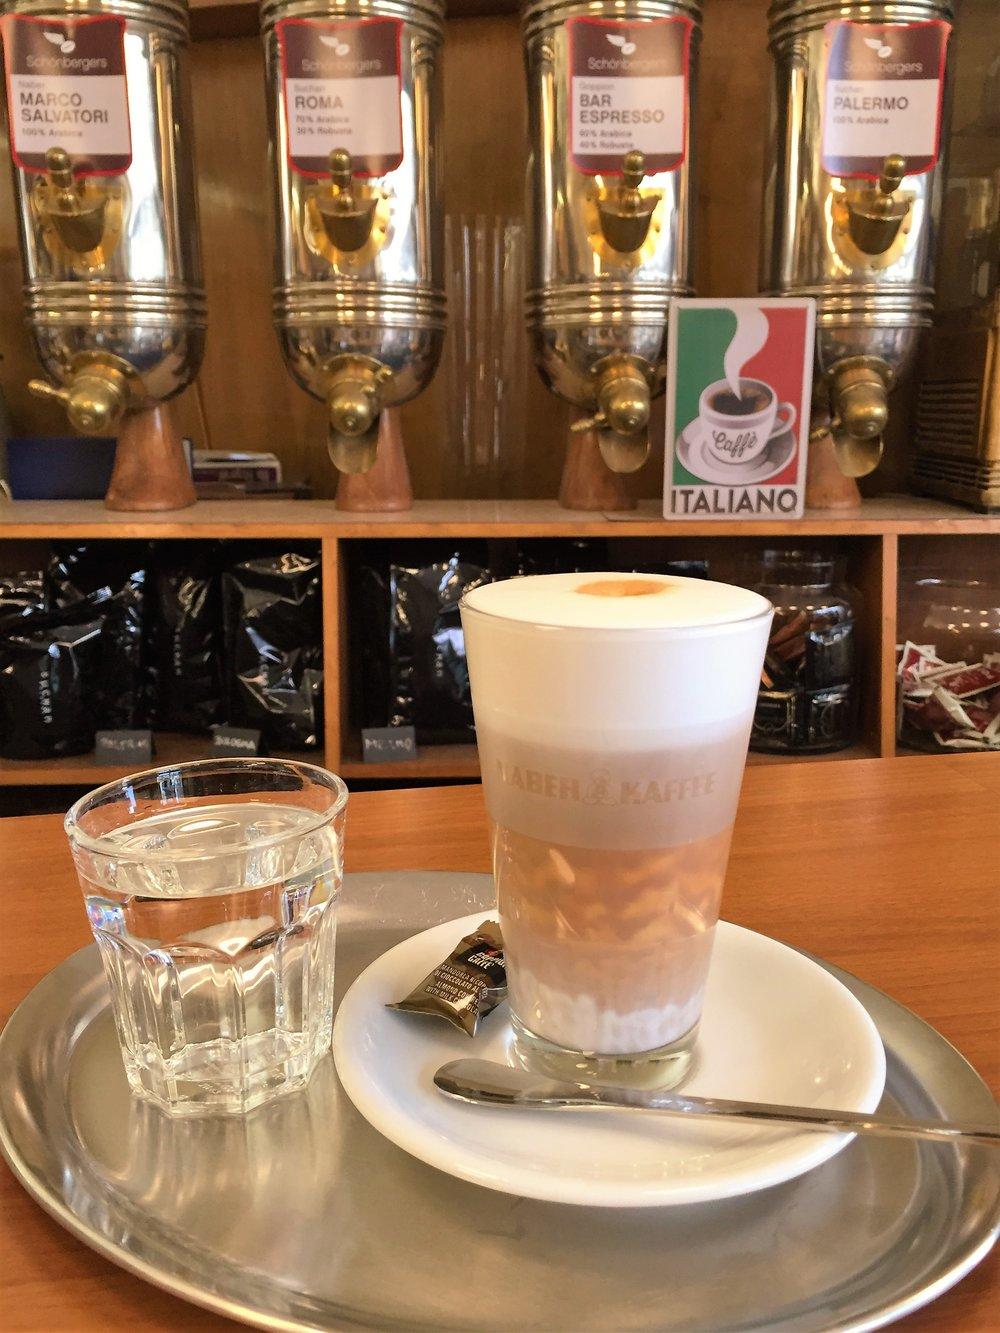 Caffè Latte mit nicht ganz perfekten drei Schichten (das liegt in diesem spezifischen Fall an der höheren Dichte des Kaffees).